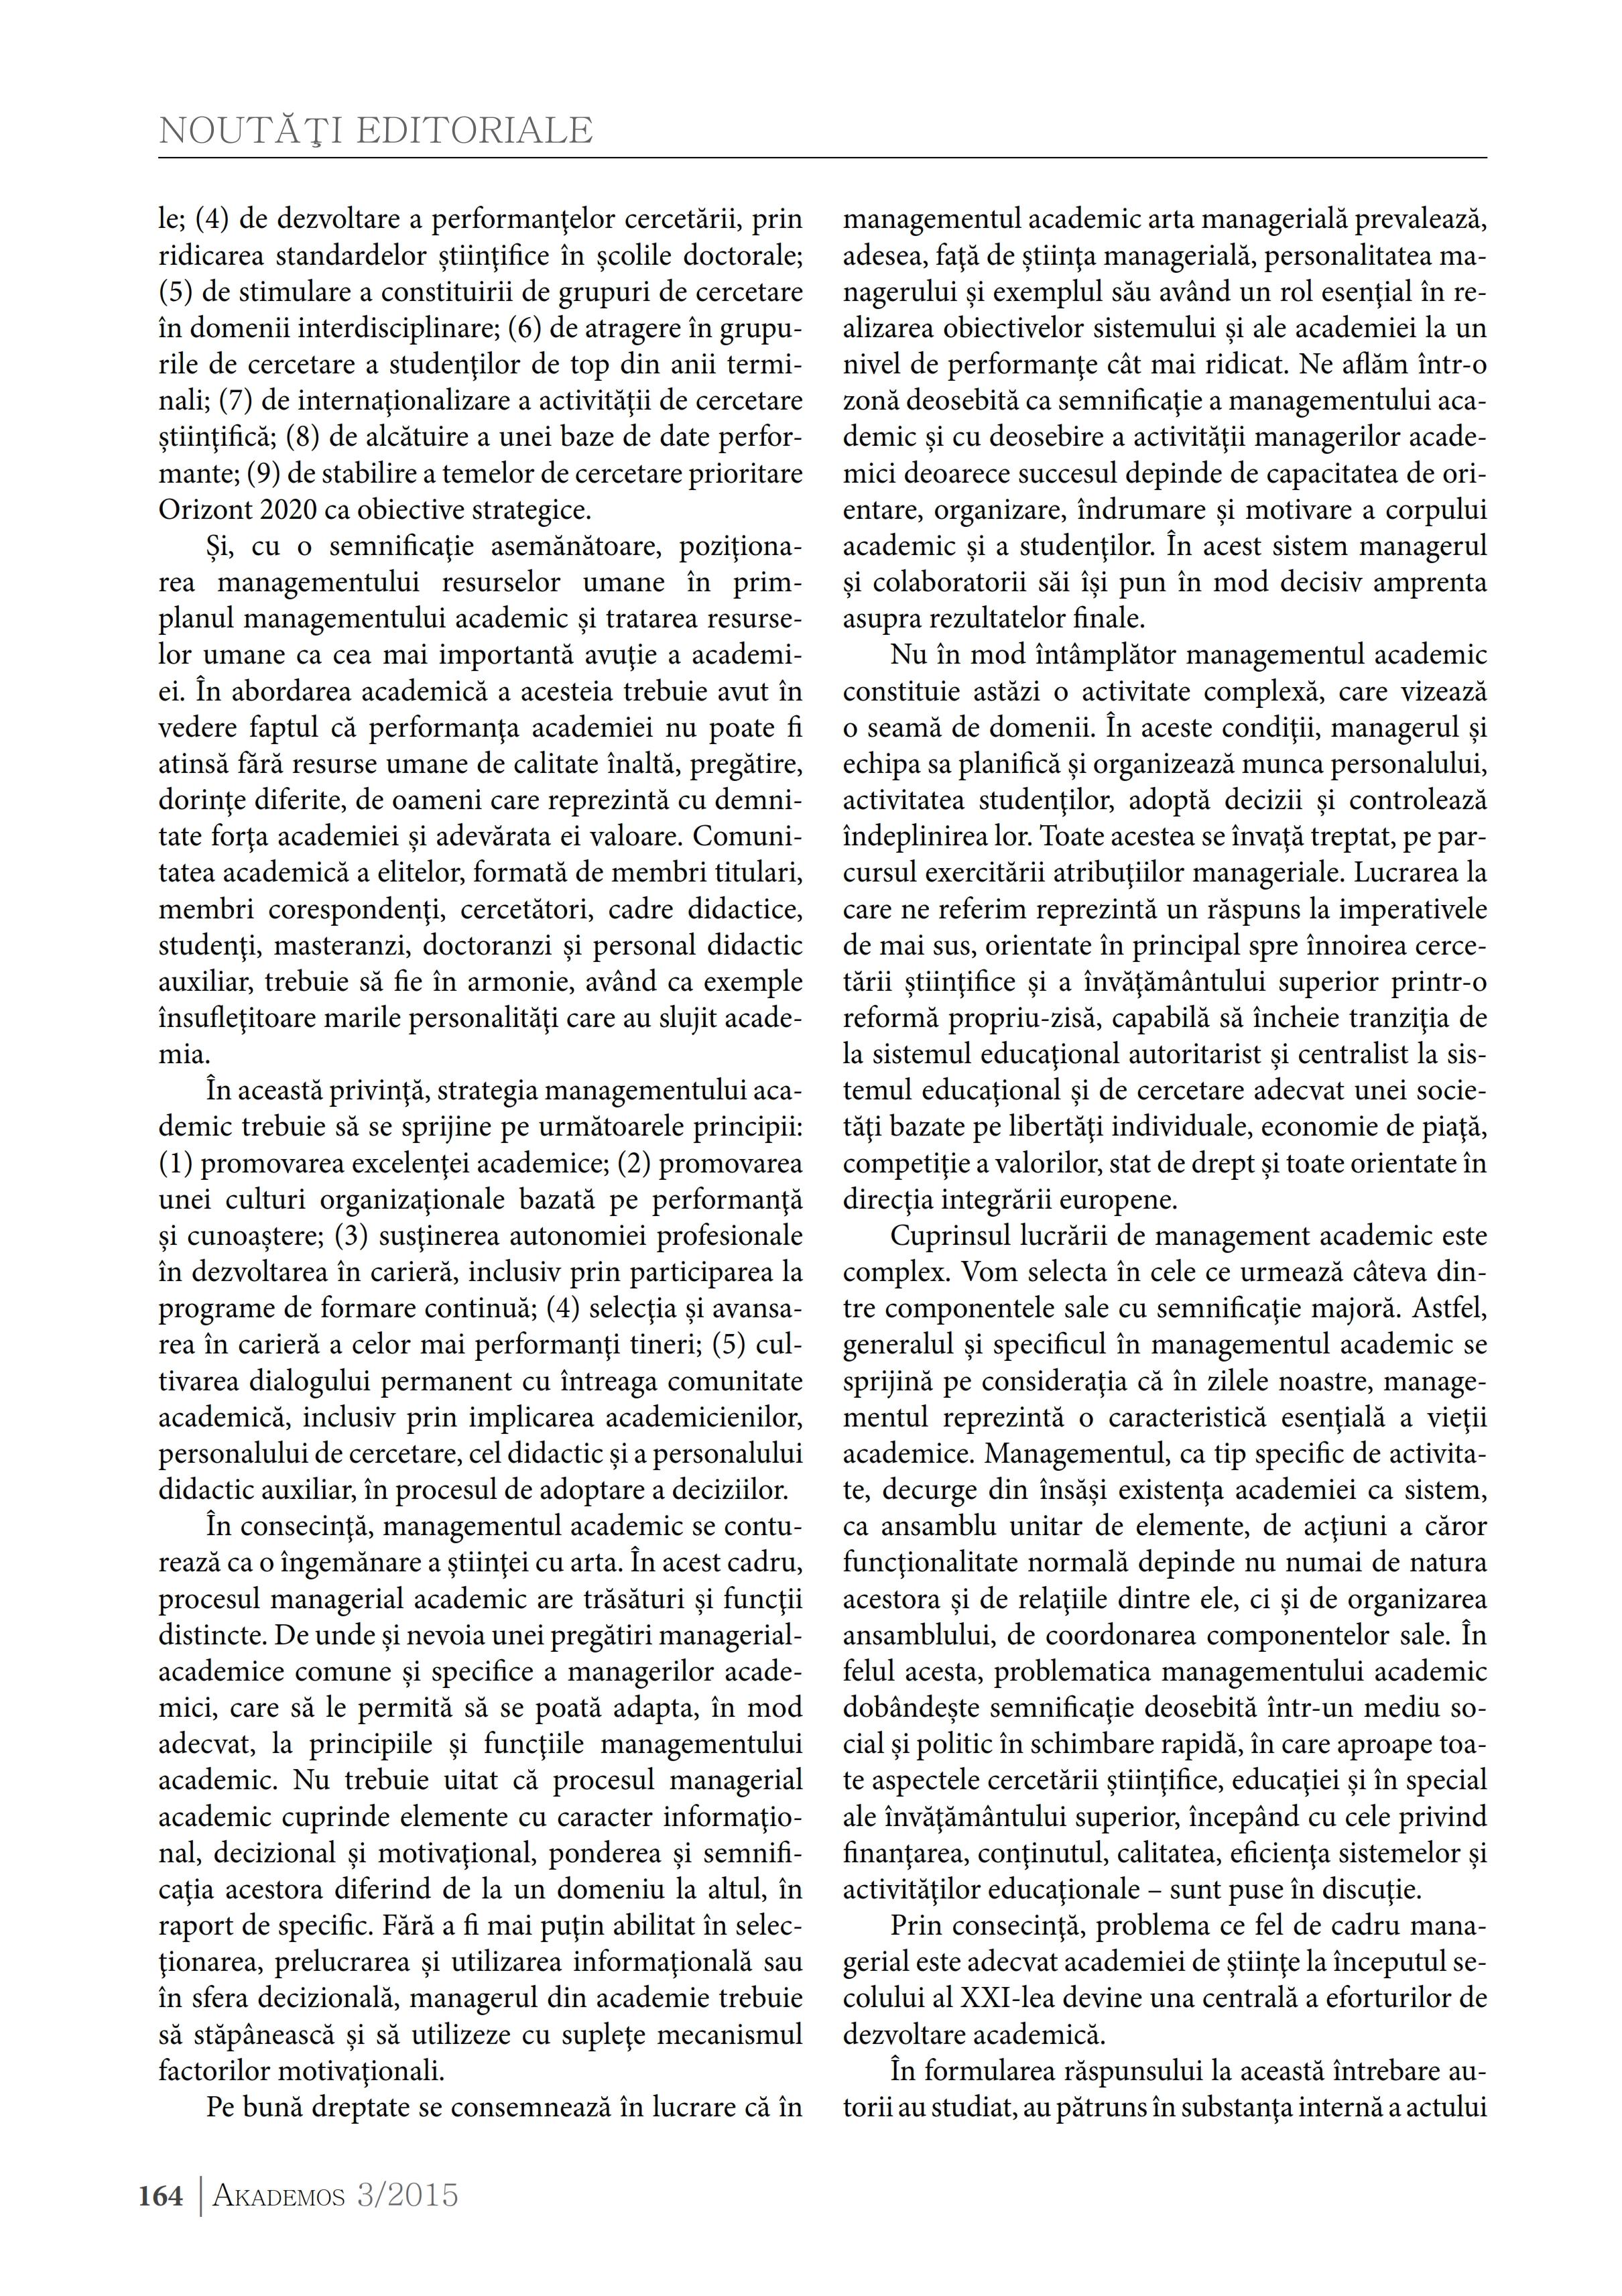 Managementul academic in folosul academismului, didacticii si cercetarii stiinţifice_002